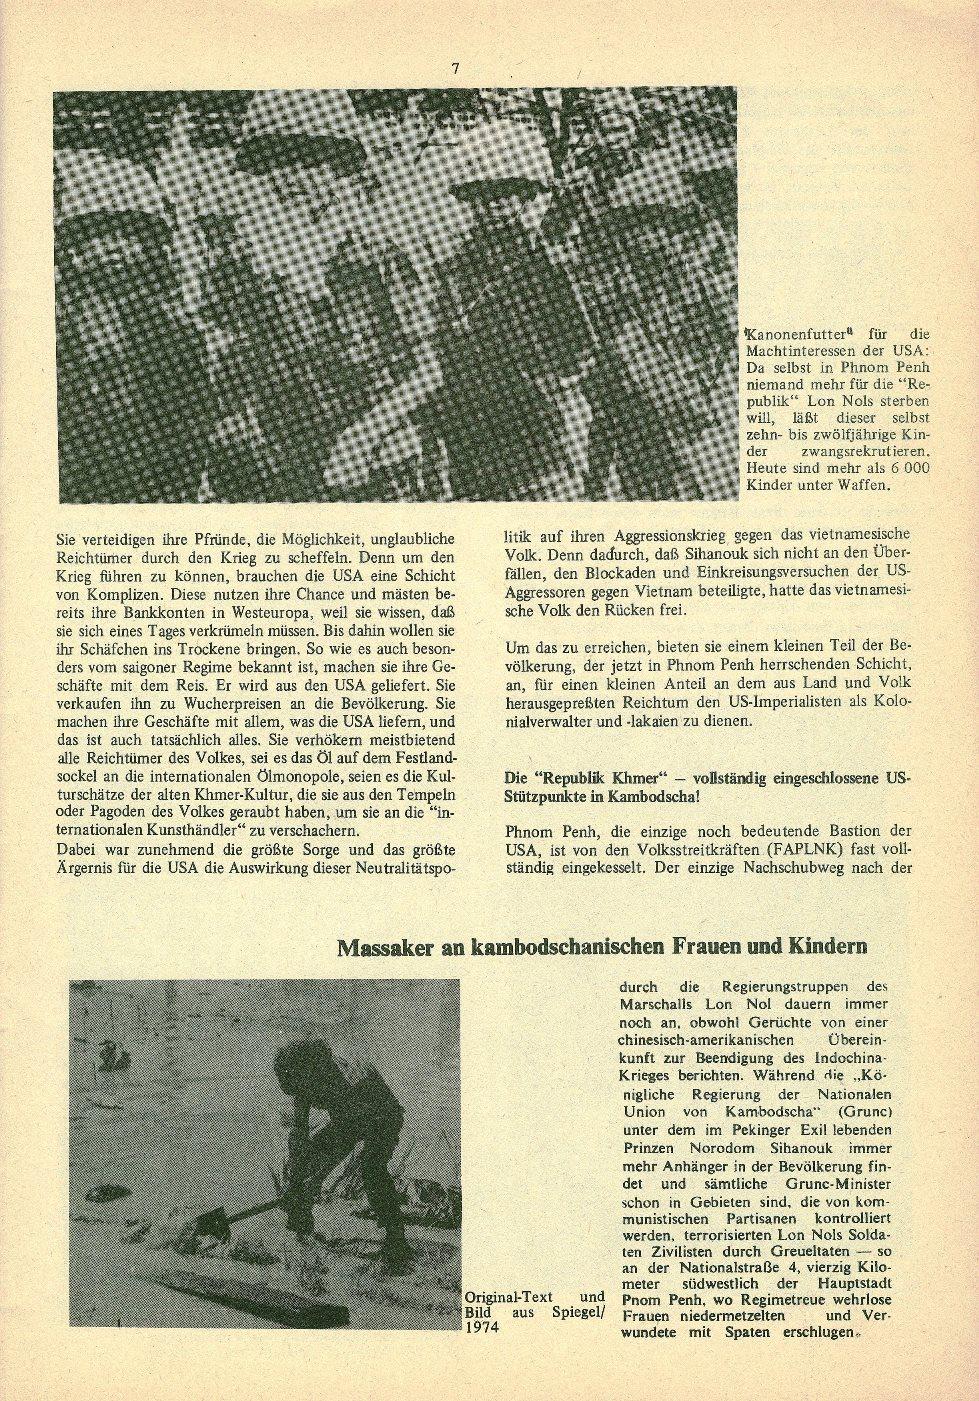 Kambodscha_1974_Das_Volk_besiegt_den_Imperialismus007